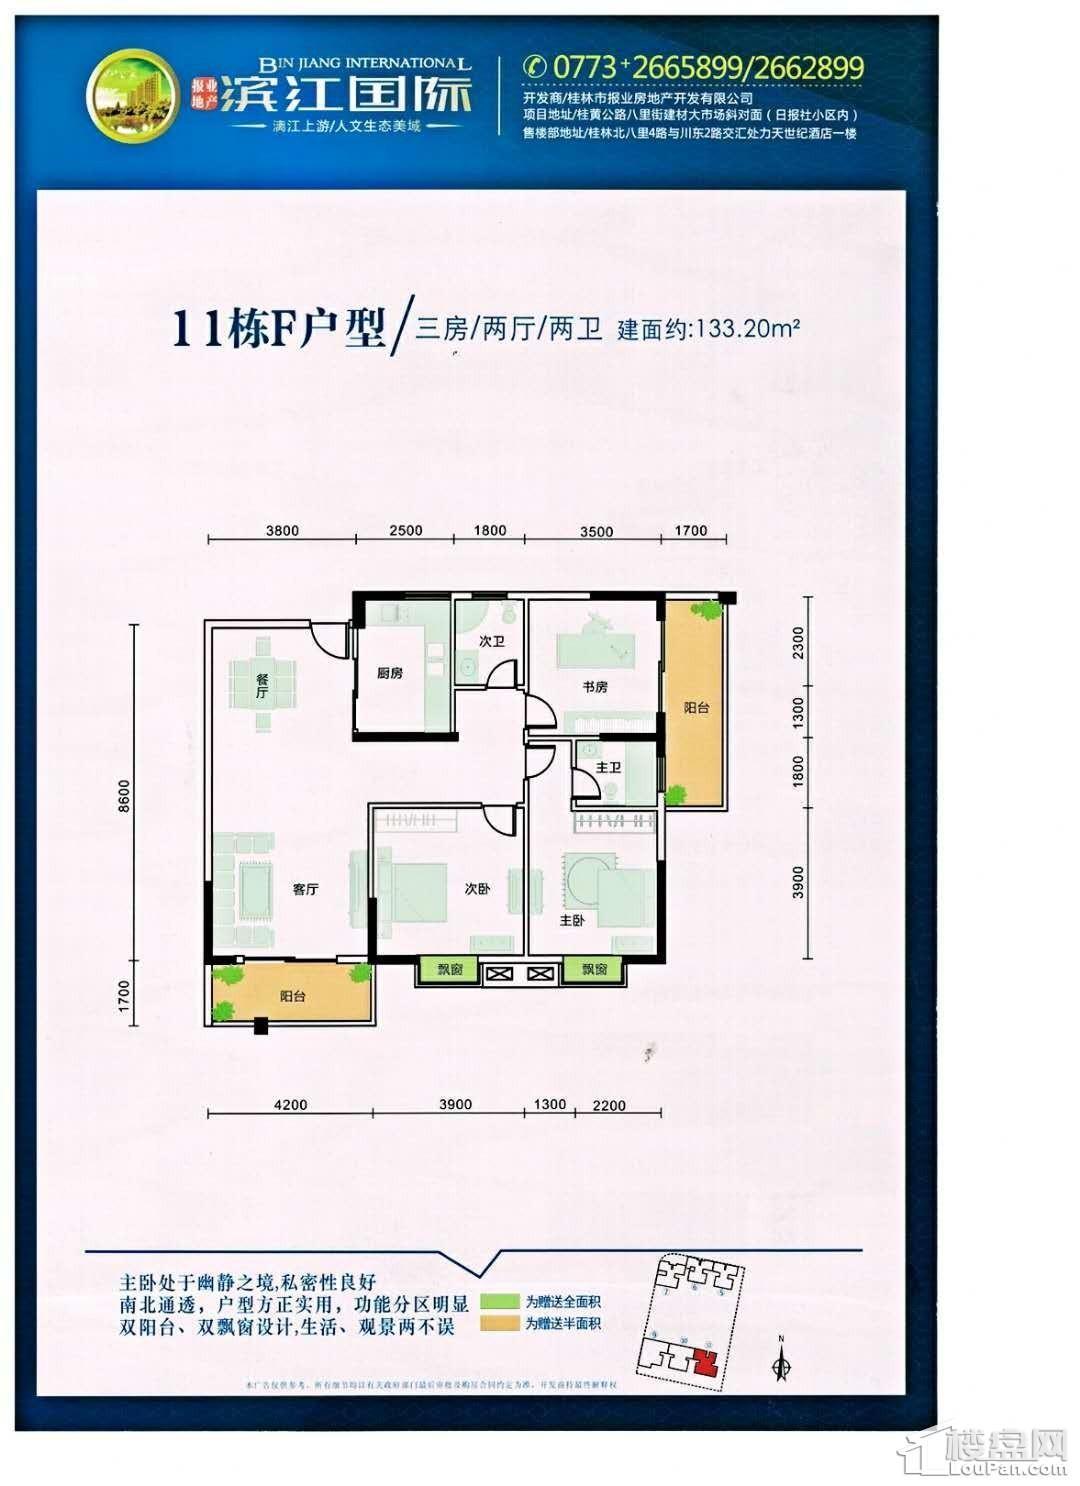 滨江国际桂林日报社小区 -11#E户型F